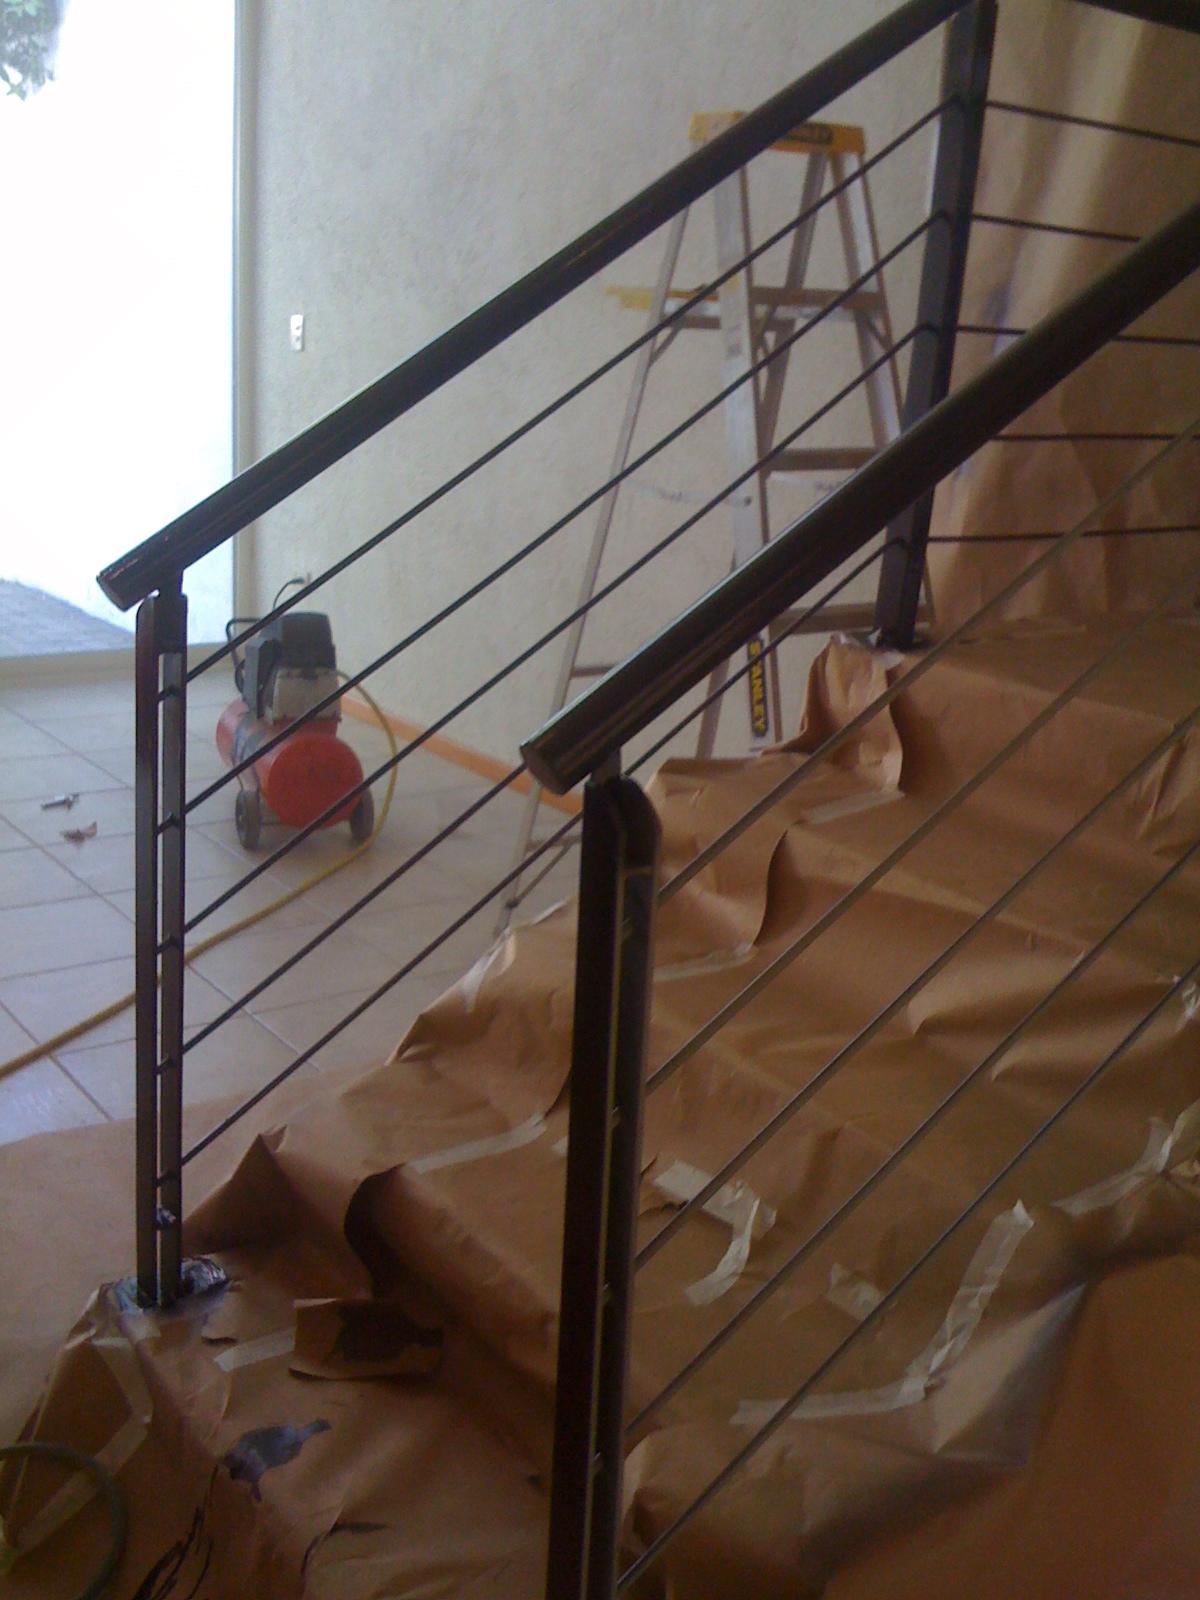 Pintores profesionales pintores profesionales de herreria - Pintura para escaleras ...